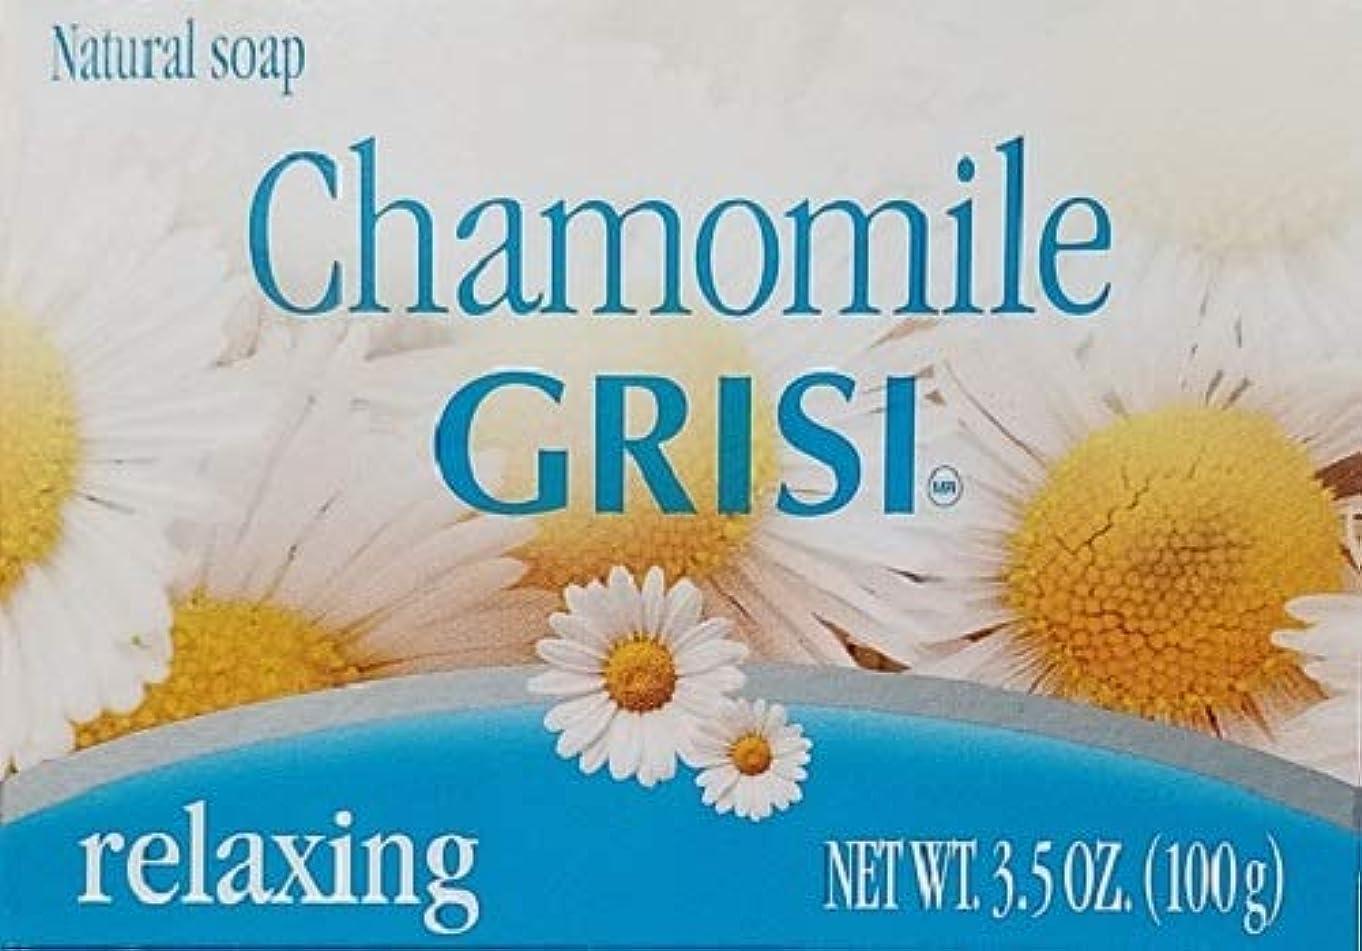 キルスフォーマル負担Manzanilla Grisi 6PK - カモミールソープ - Jabonデマンサニージャ - Grisi(3.5オンスX 6単位)。